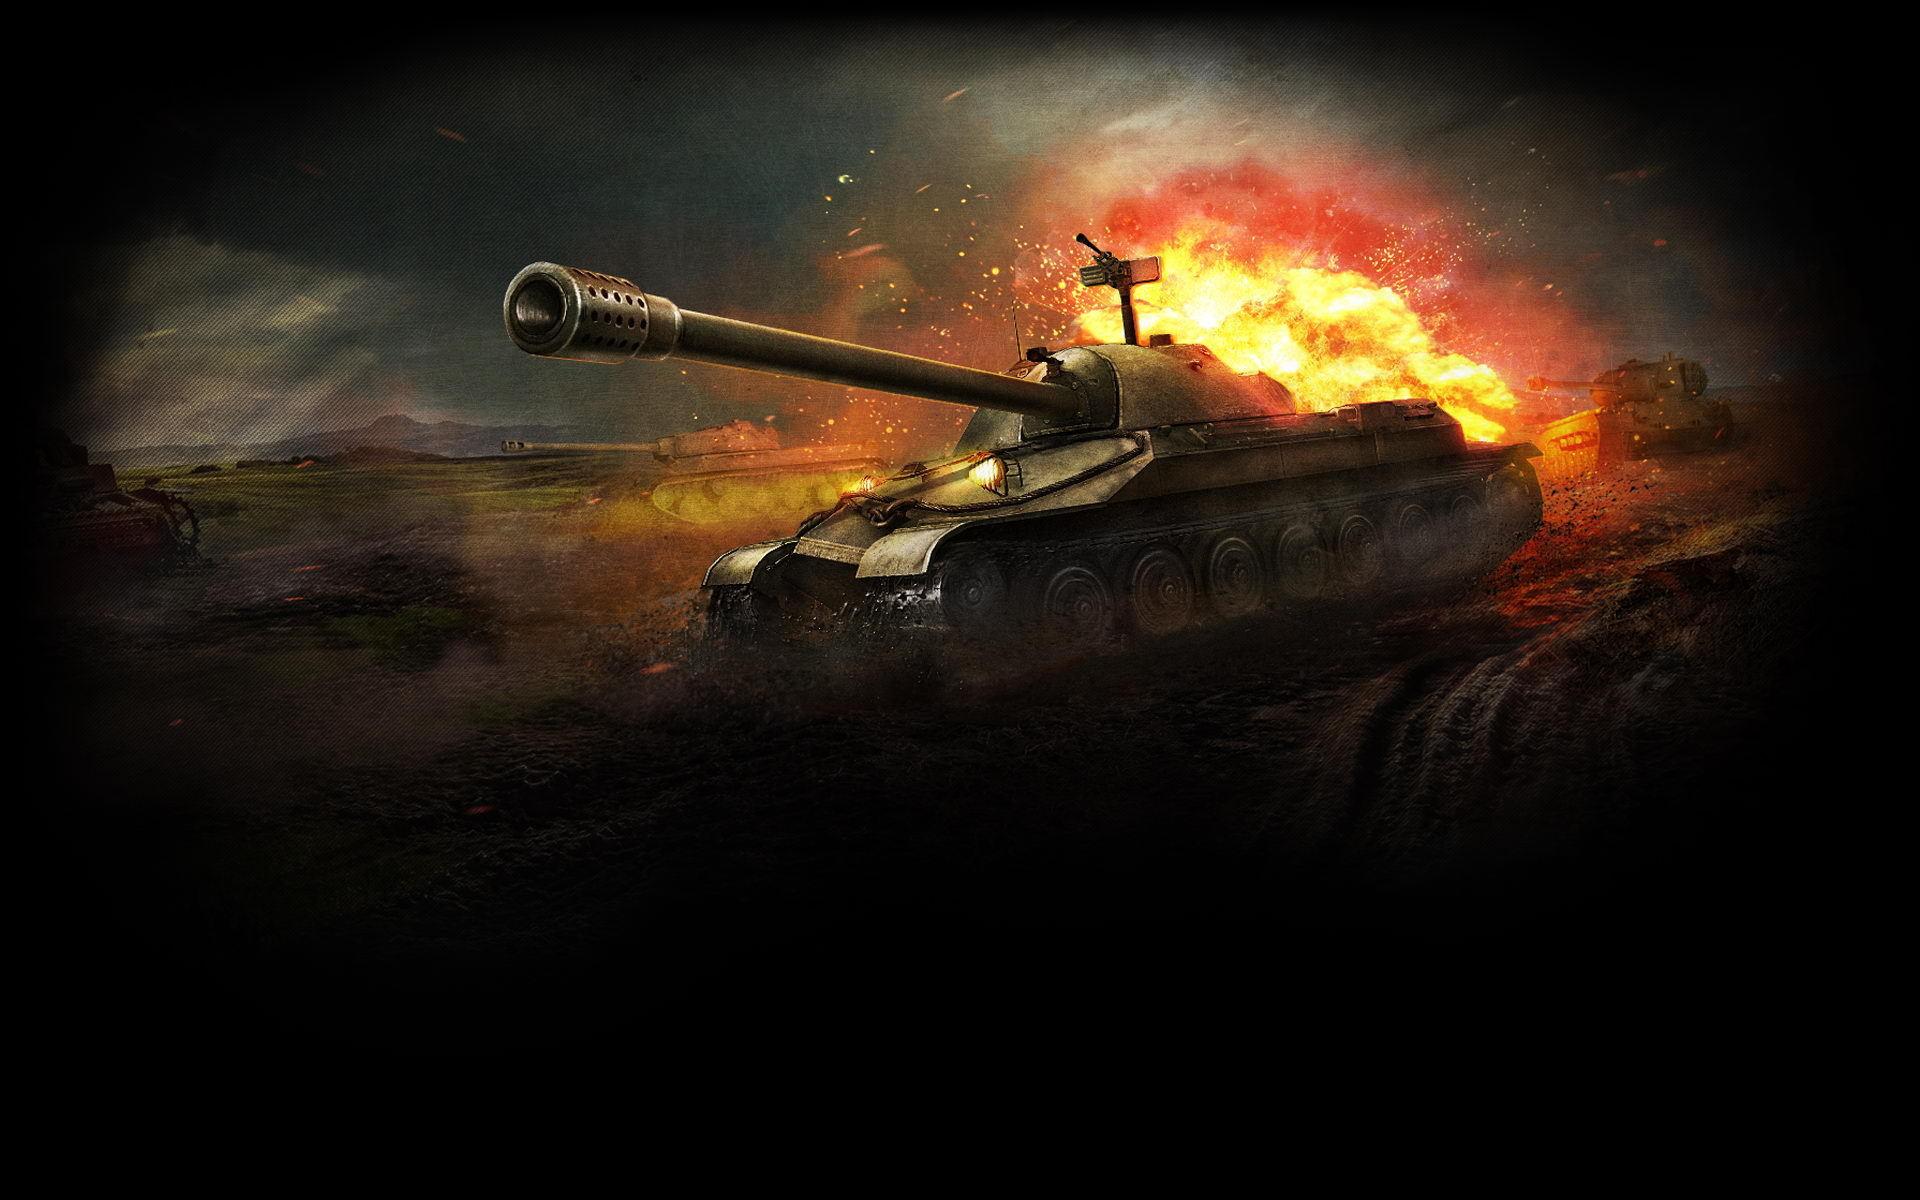 Танк в бою, огонь, скачать фото, обои для рабочего стола, tank wallpaper